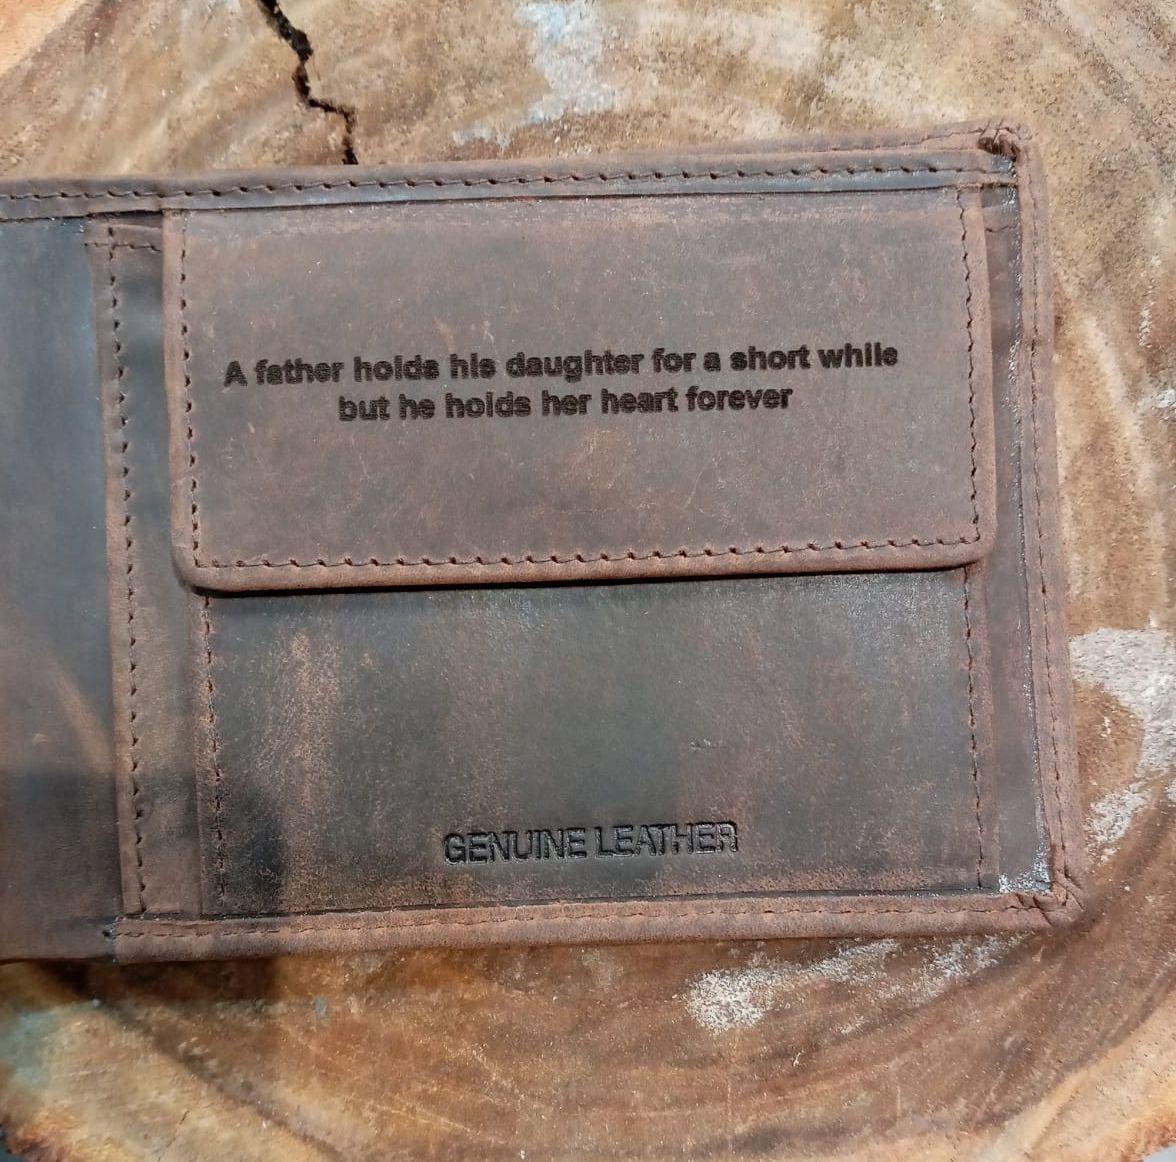 חריטה על ארנק עור לגבר מתנה לבעל